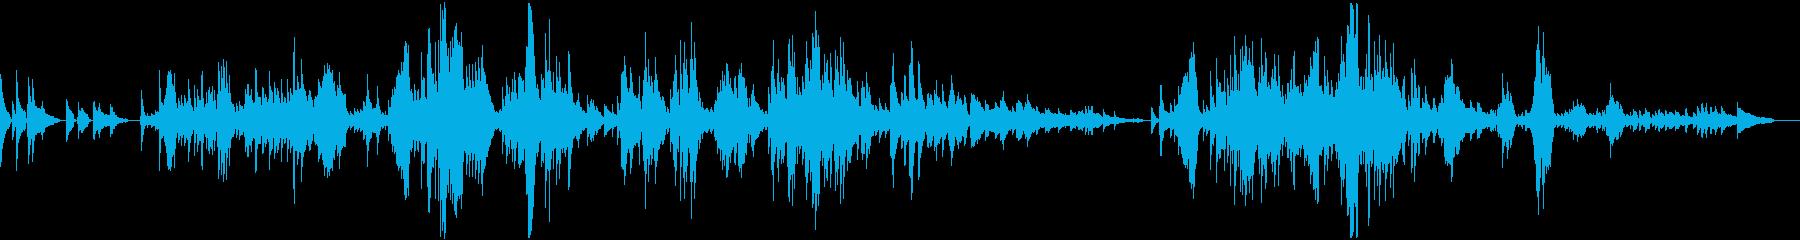 ショパンノクターン 第20番「遺作」 の再生済みの波形